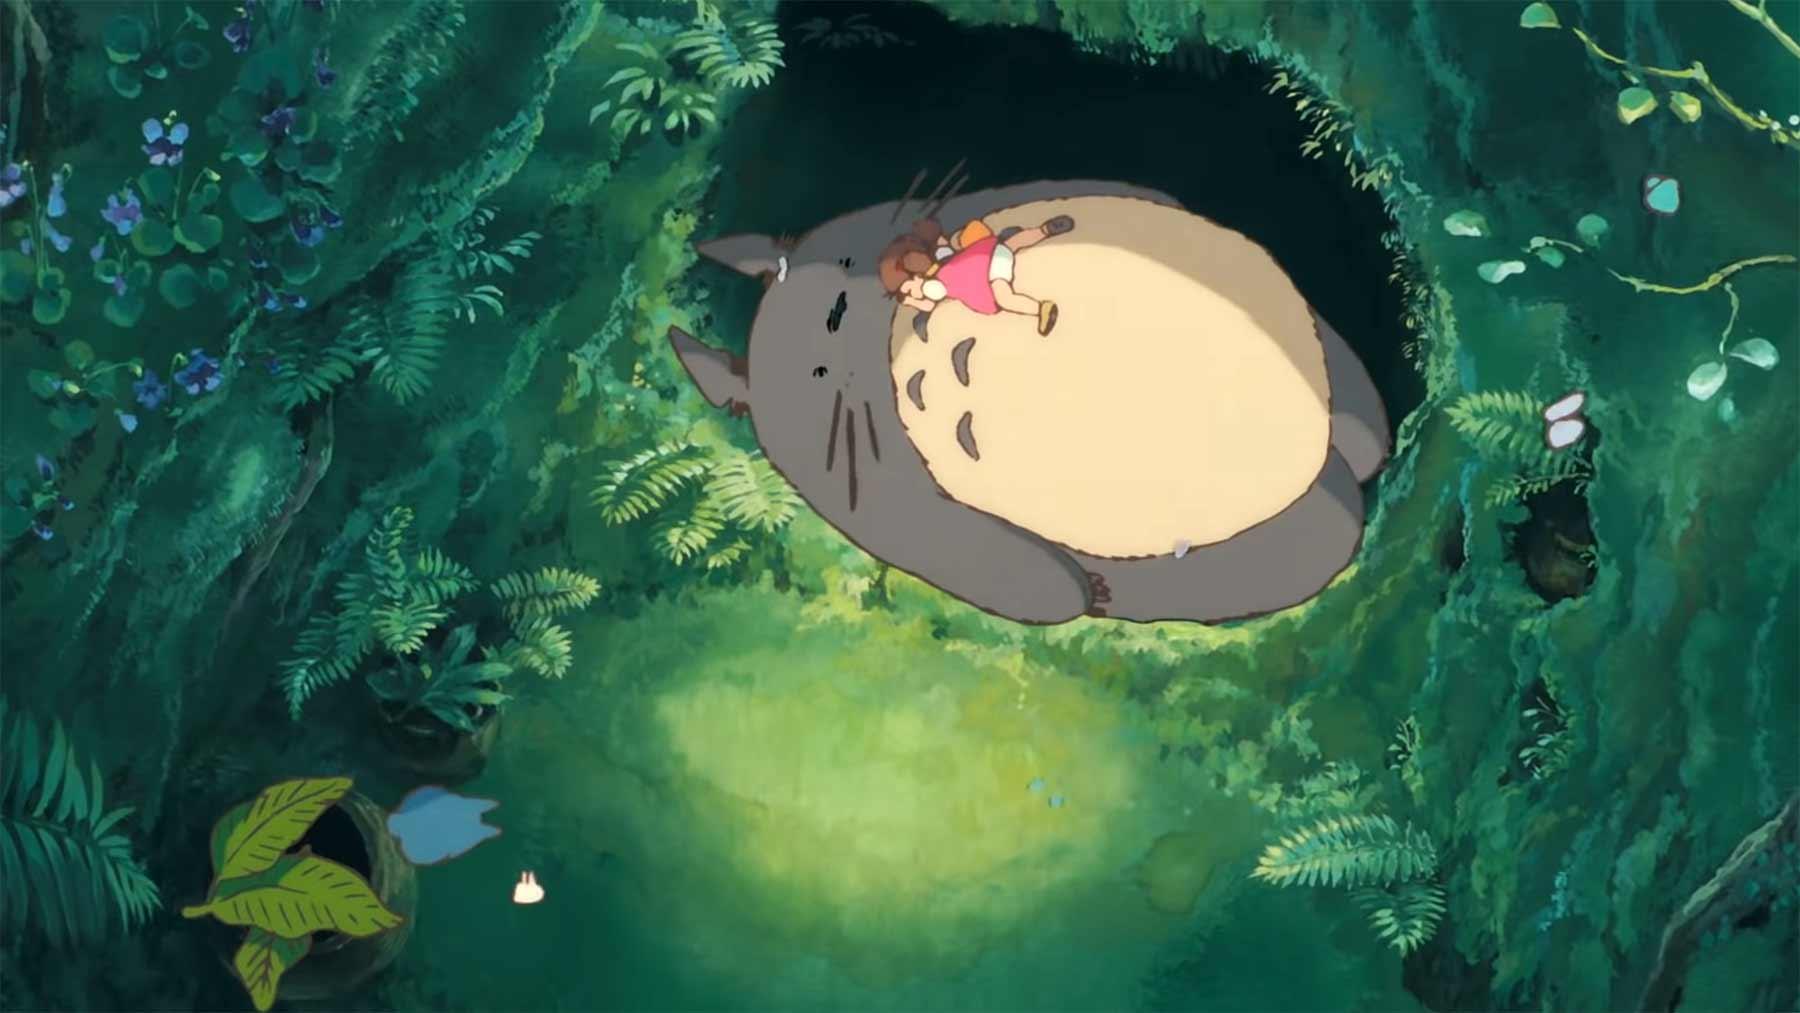 30 Minuten entspannende Animationen von Studio Ghibli